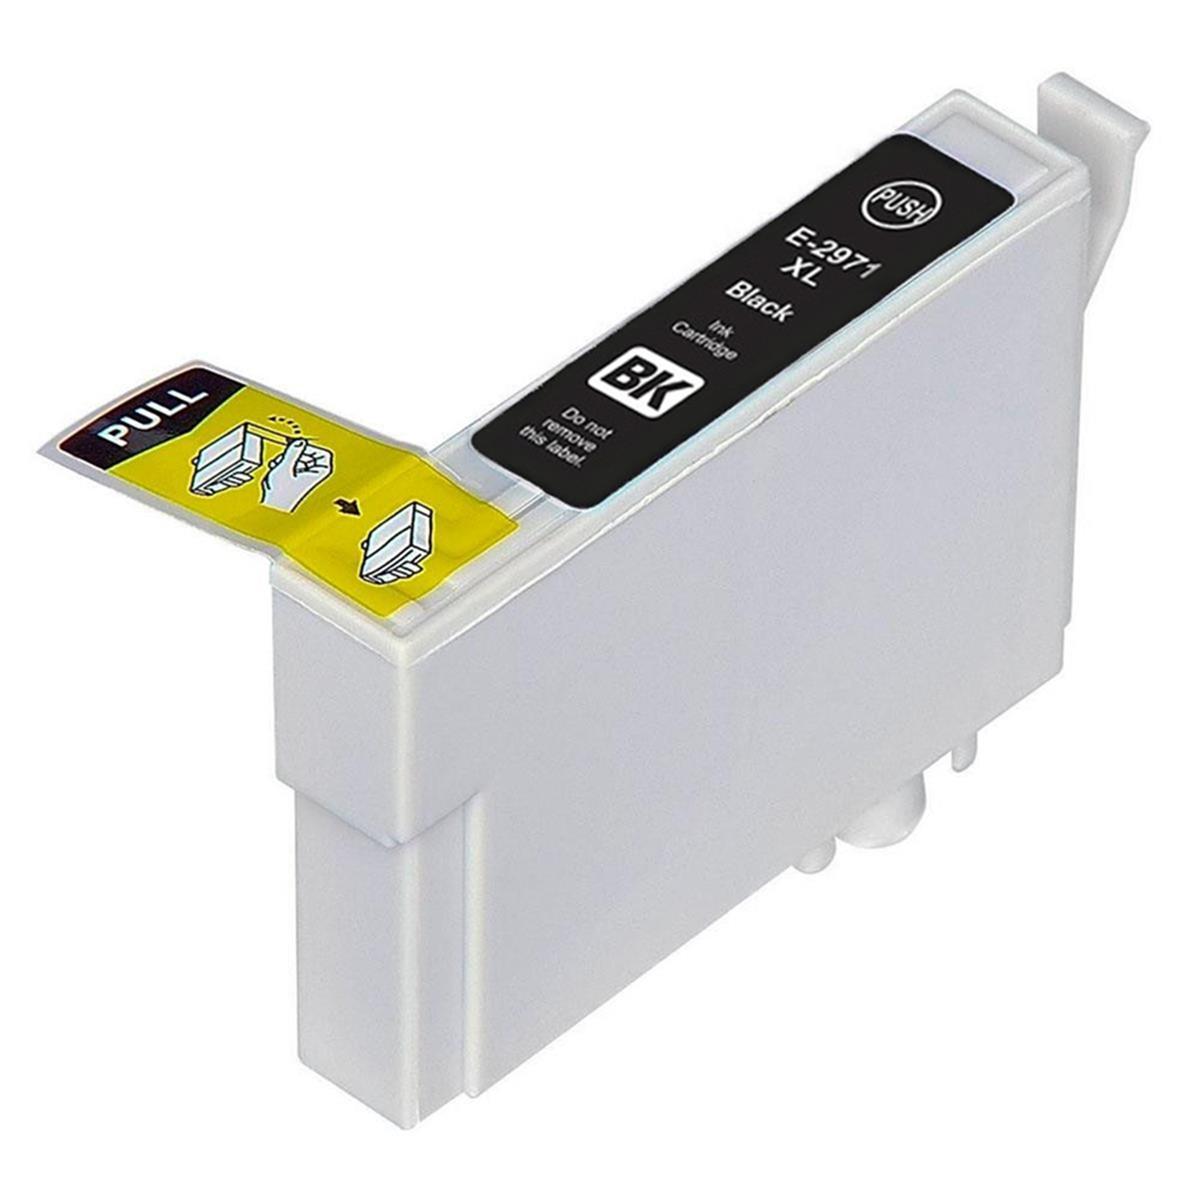 Cartucho de Tinta Epson T297120 T297 Preto | XP441 XP241 XP-441 XP-241 | Compatível Importado 17ml